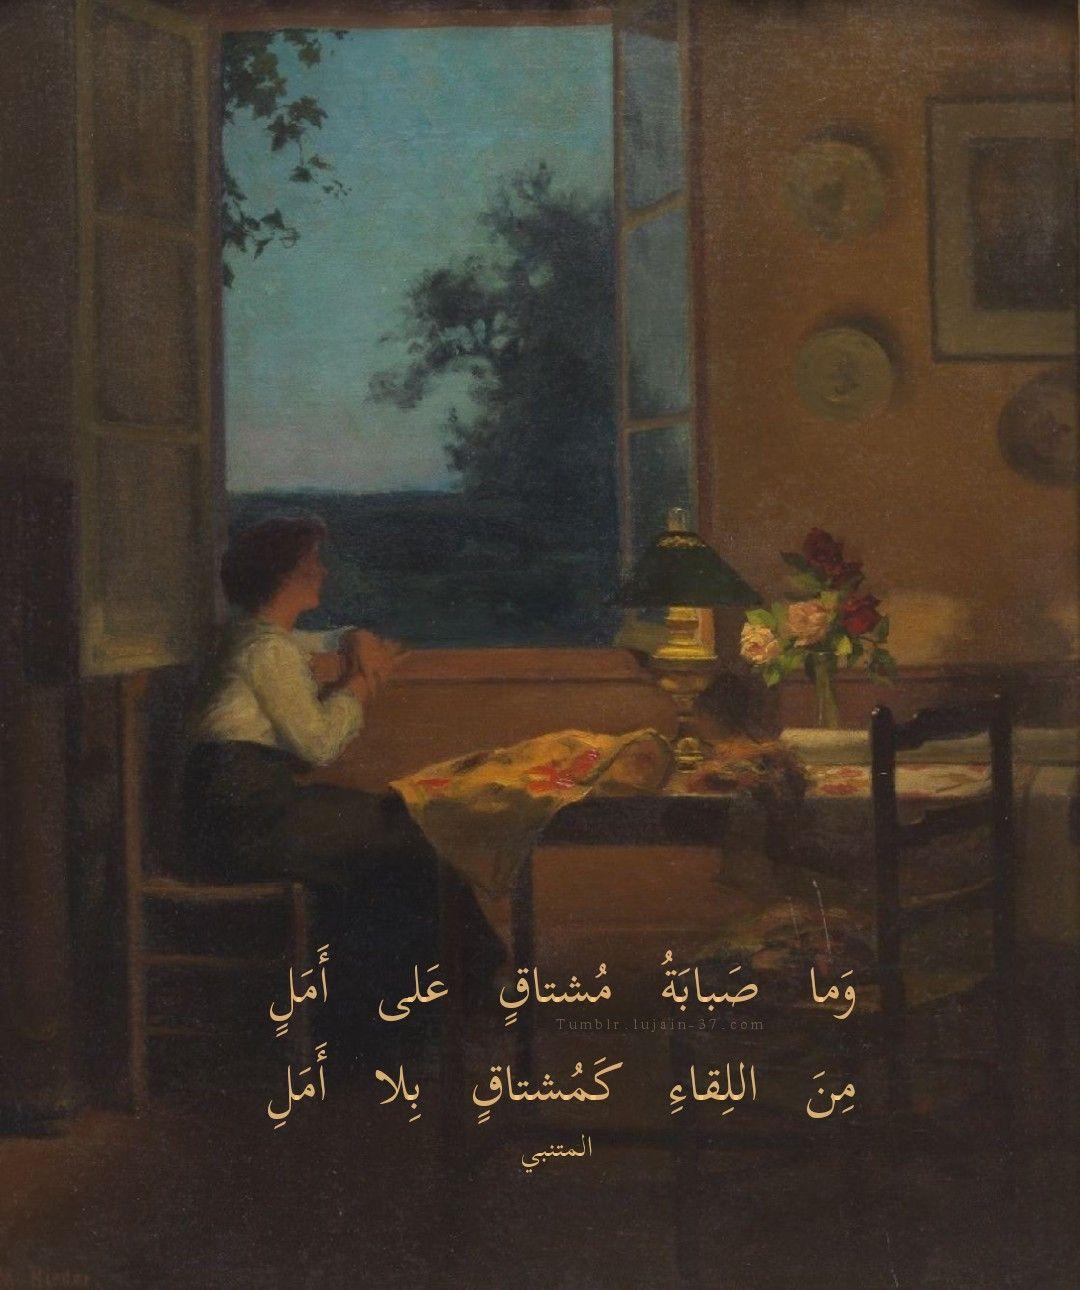 و ما ص باب ة م شتاق ع لى أ م ل Painting Tumblr Art